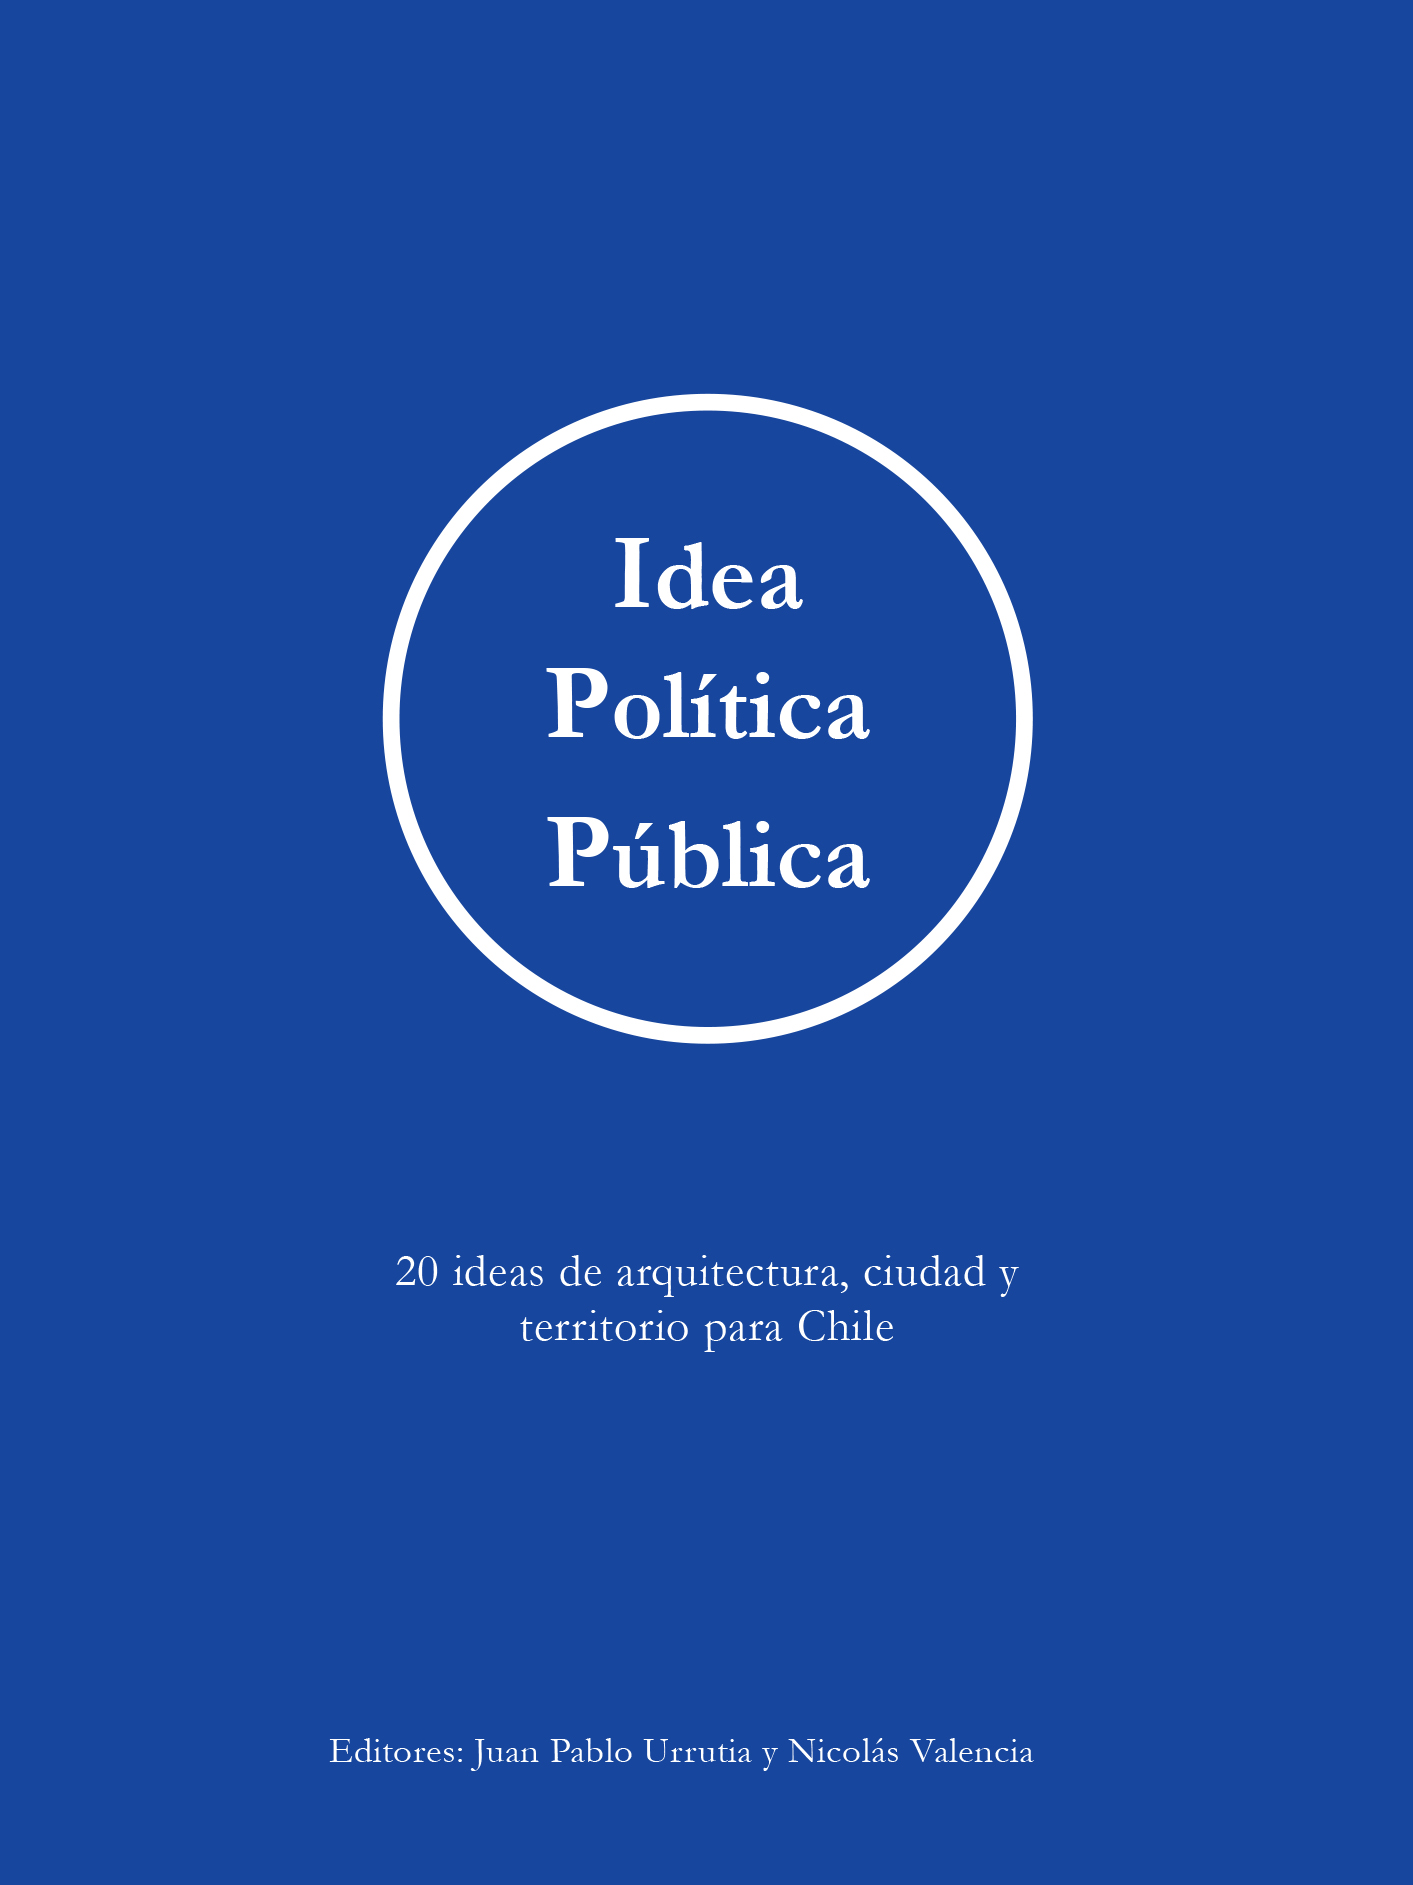 Idea Política Pública: 20 ideas de arquitectura, ciudad y territorio para Chile